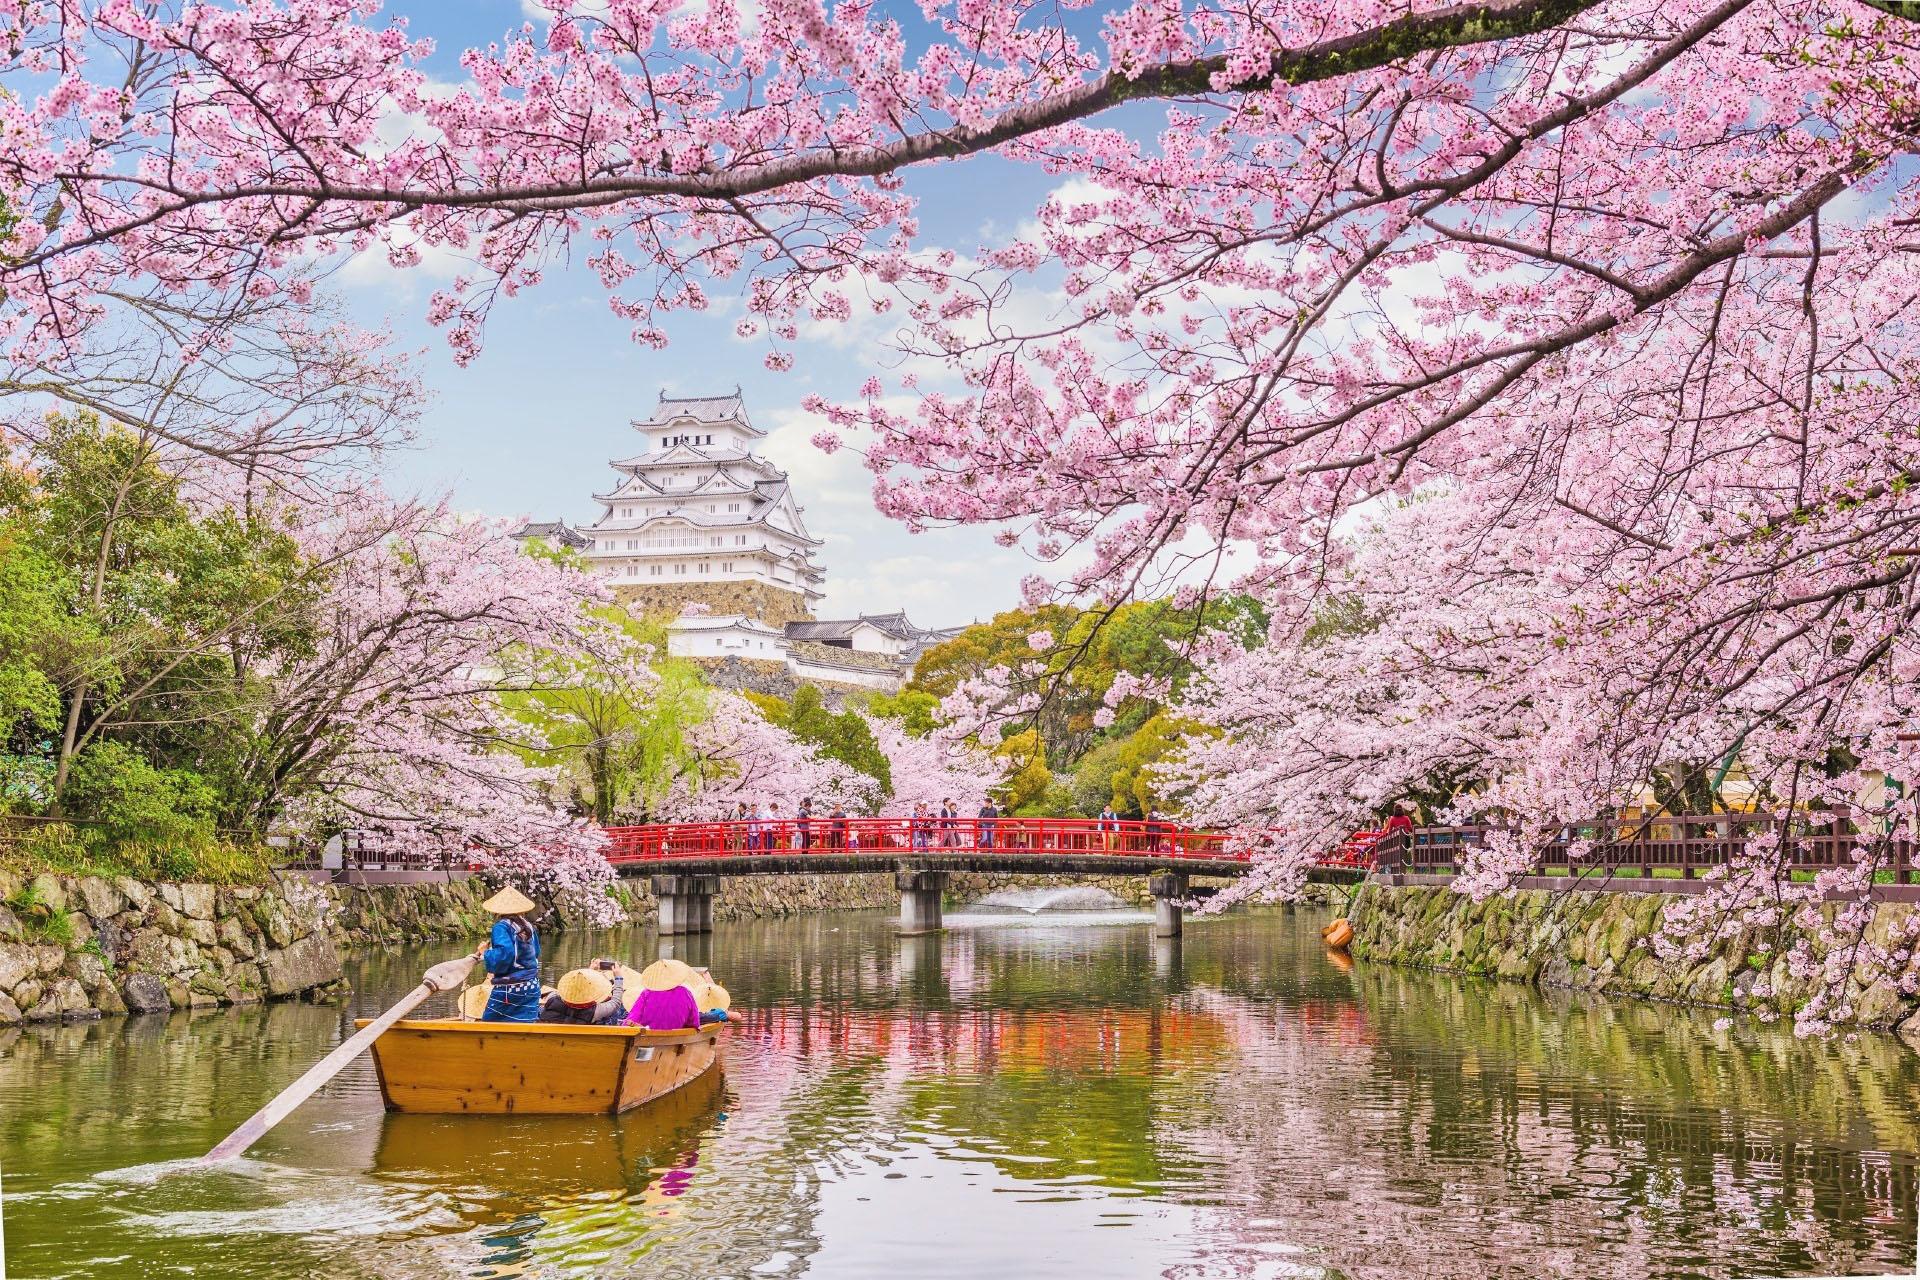 春の姫路城 桜と姫路城の風景 兵庫の風景